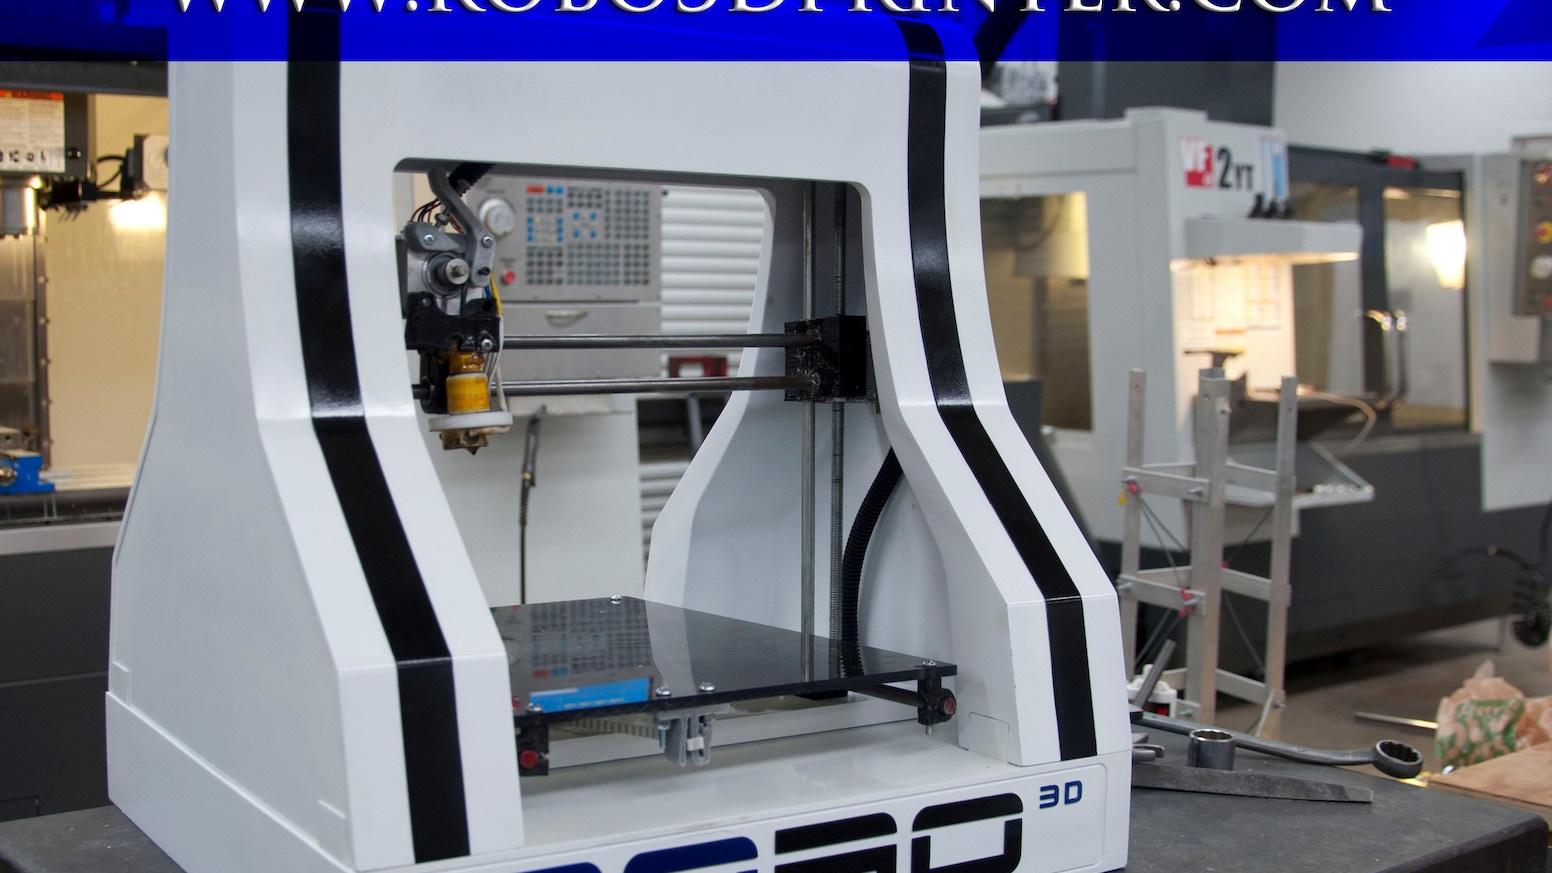 RoBo 3D Printer by RoBo 3D Printer — Kickstarter